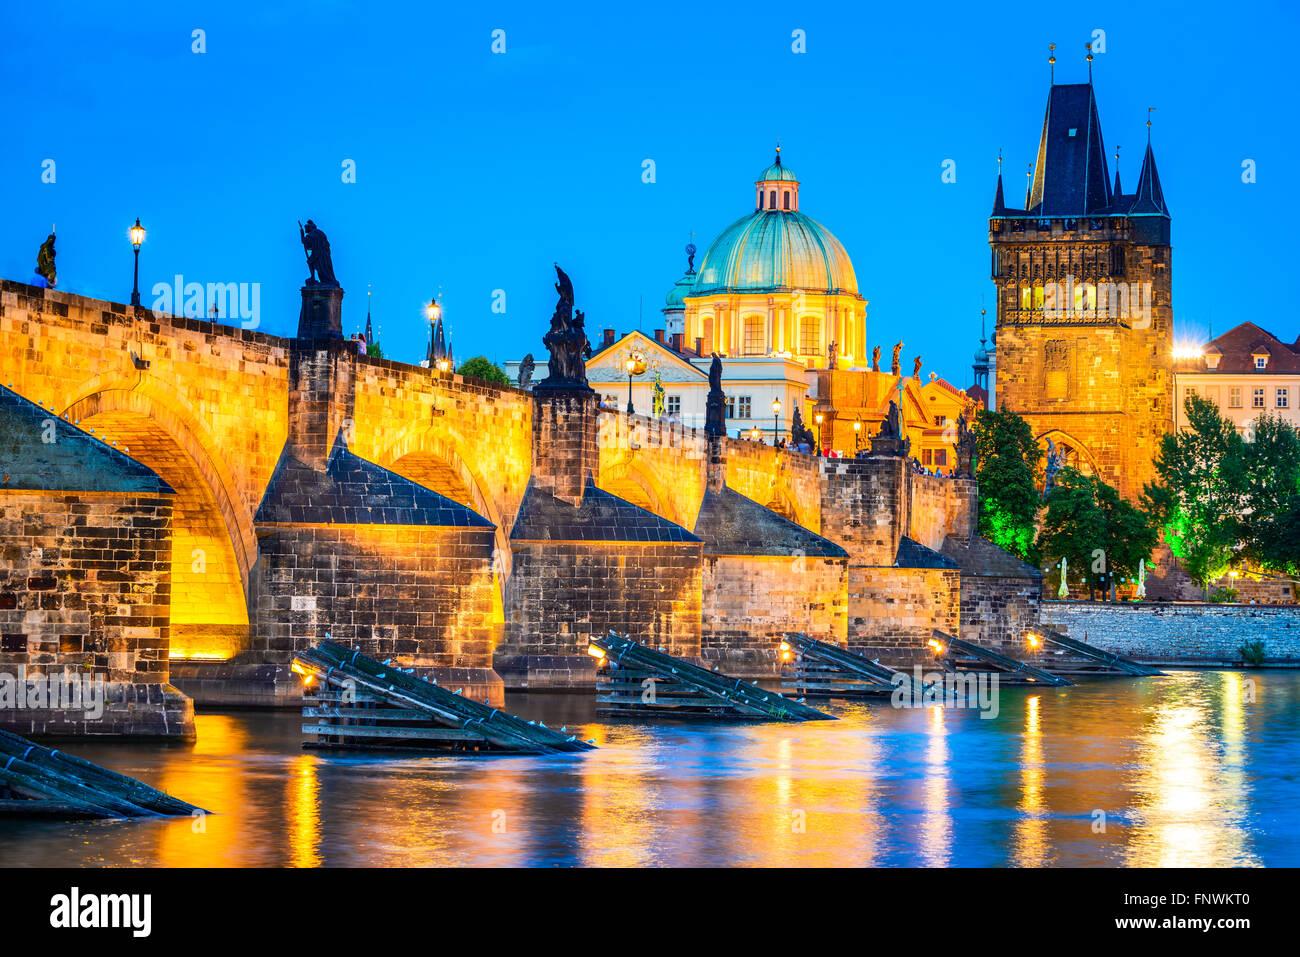 Prag, Tschechische Republik. Nacht-Ansicht mit Moldau, Karlsbrücke und Stare Mesto alten Stadtturm. Twilight Stockbild